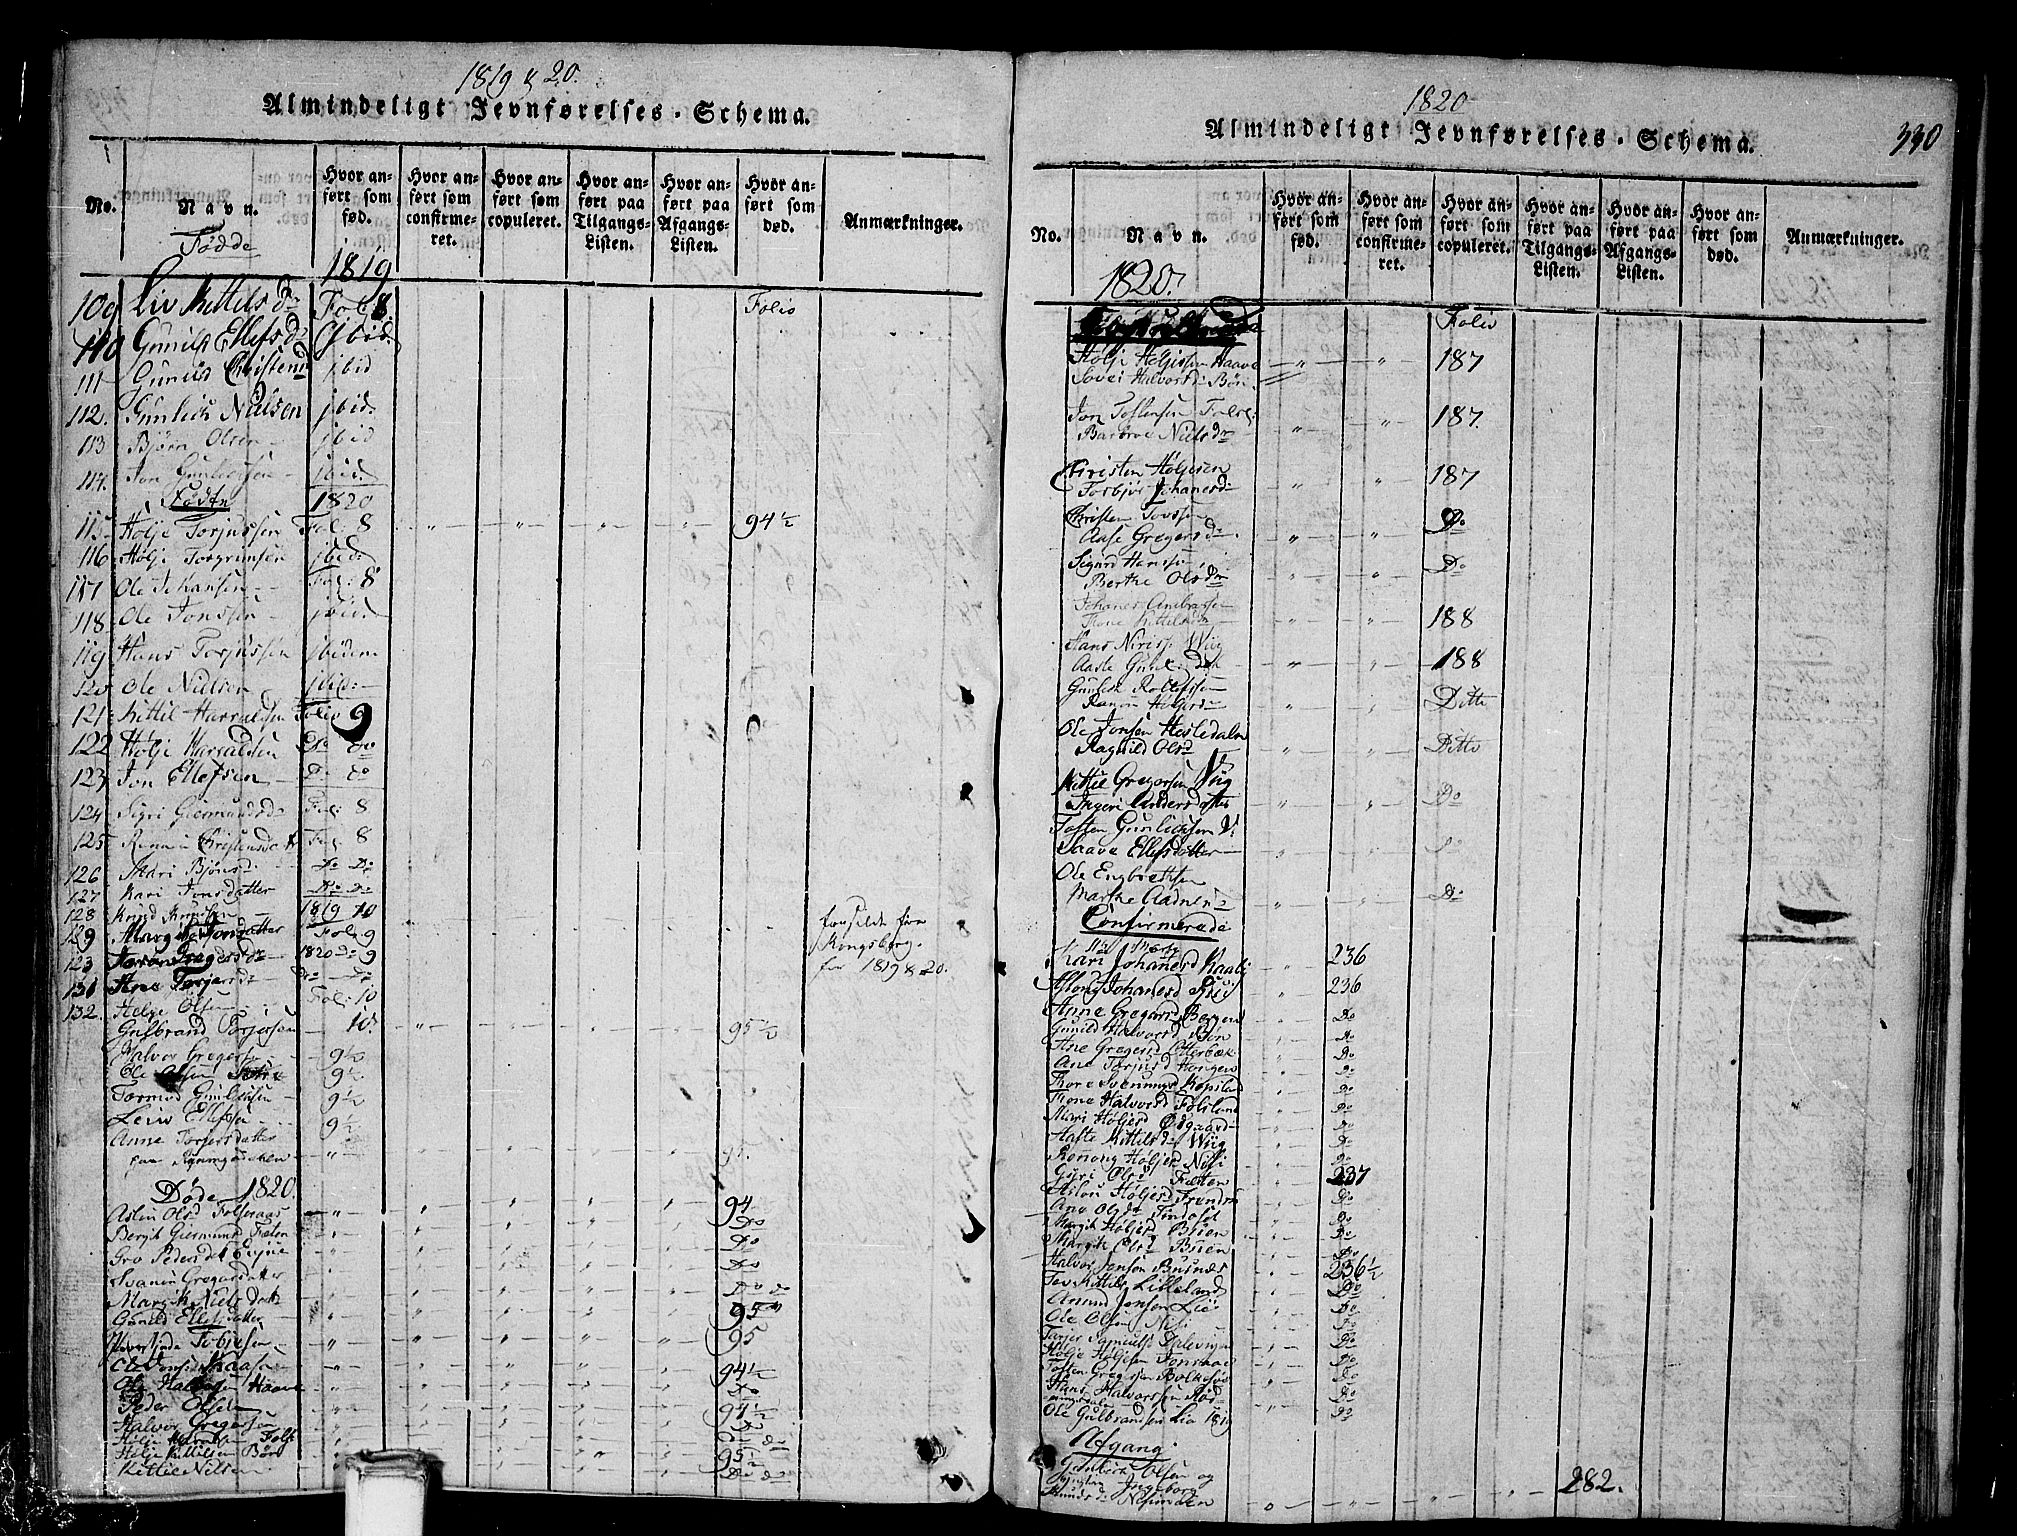 SAKO, Gransherad kirkebøker, G/Ga/L0001: Klokkerbok nr. I 1, 1815-1842, s. 330